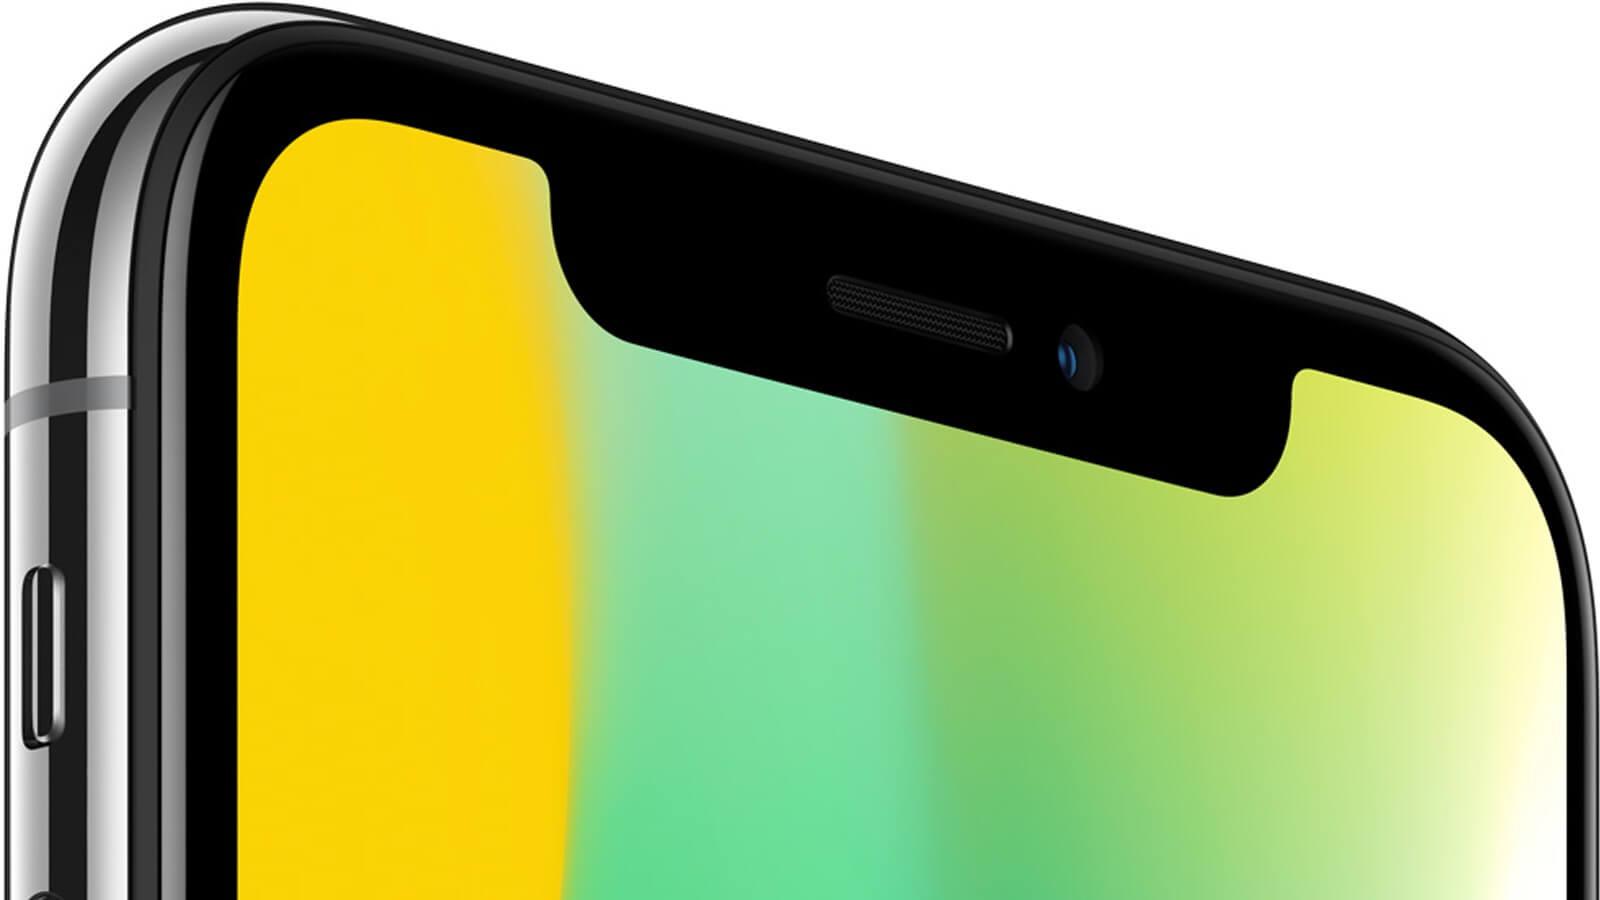 Iphone x - smartphones top de linha